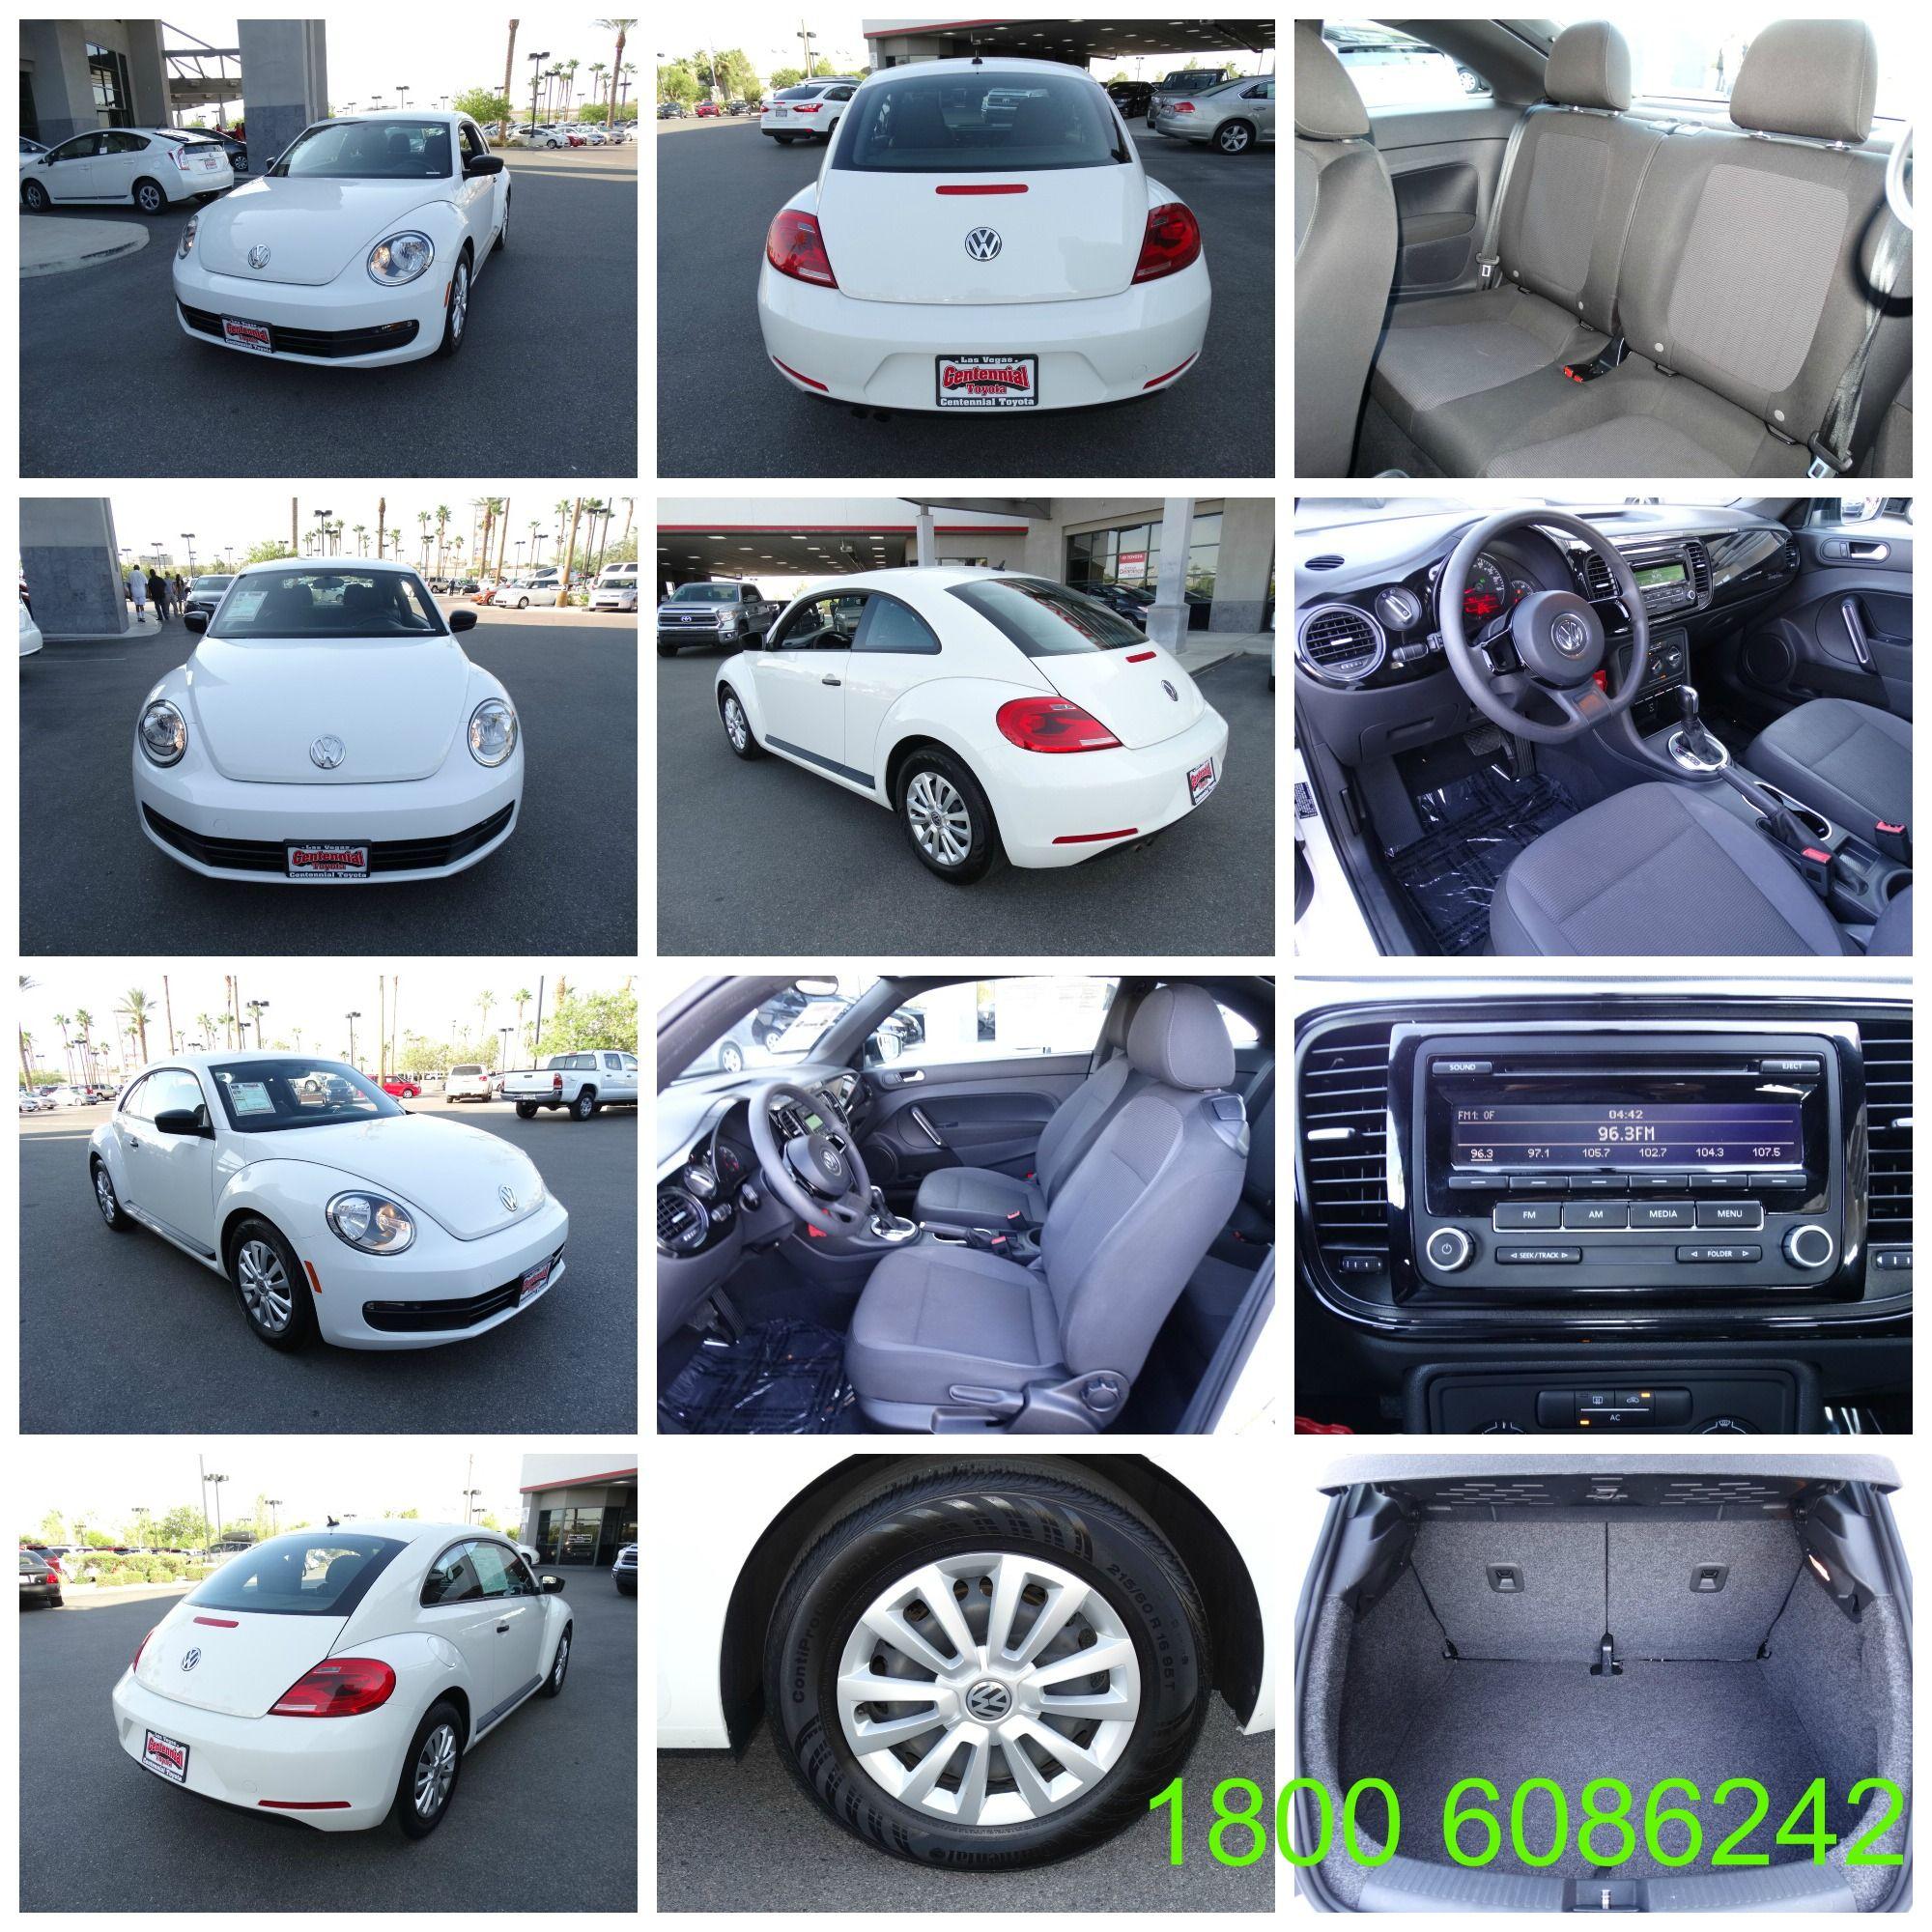 Car color from vin number - 2012 Volkswagen Beetle 2 5 L Entry Hatchback 2d Stock Number 340534 Vin Number 3vwfp7at6cm644298